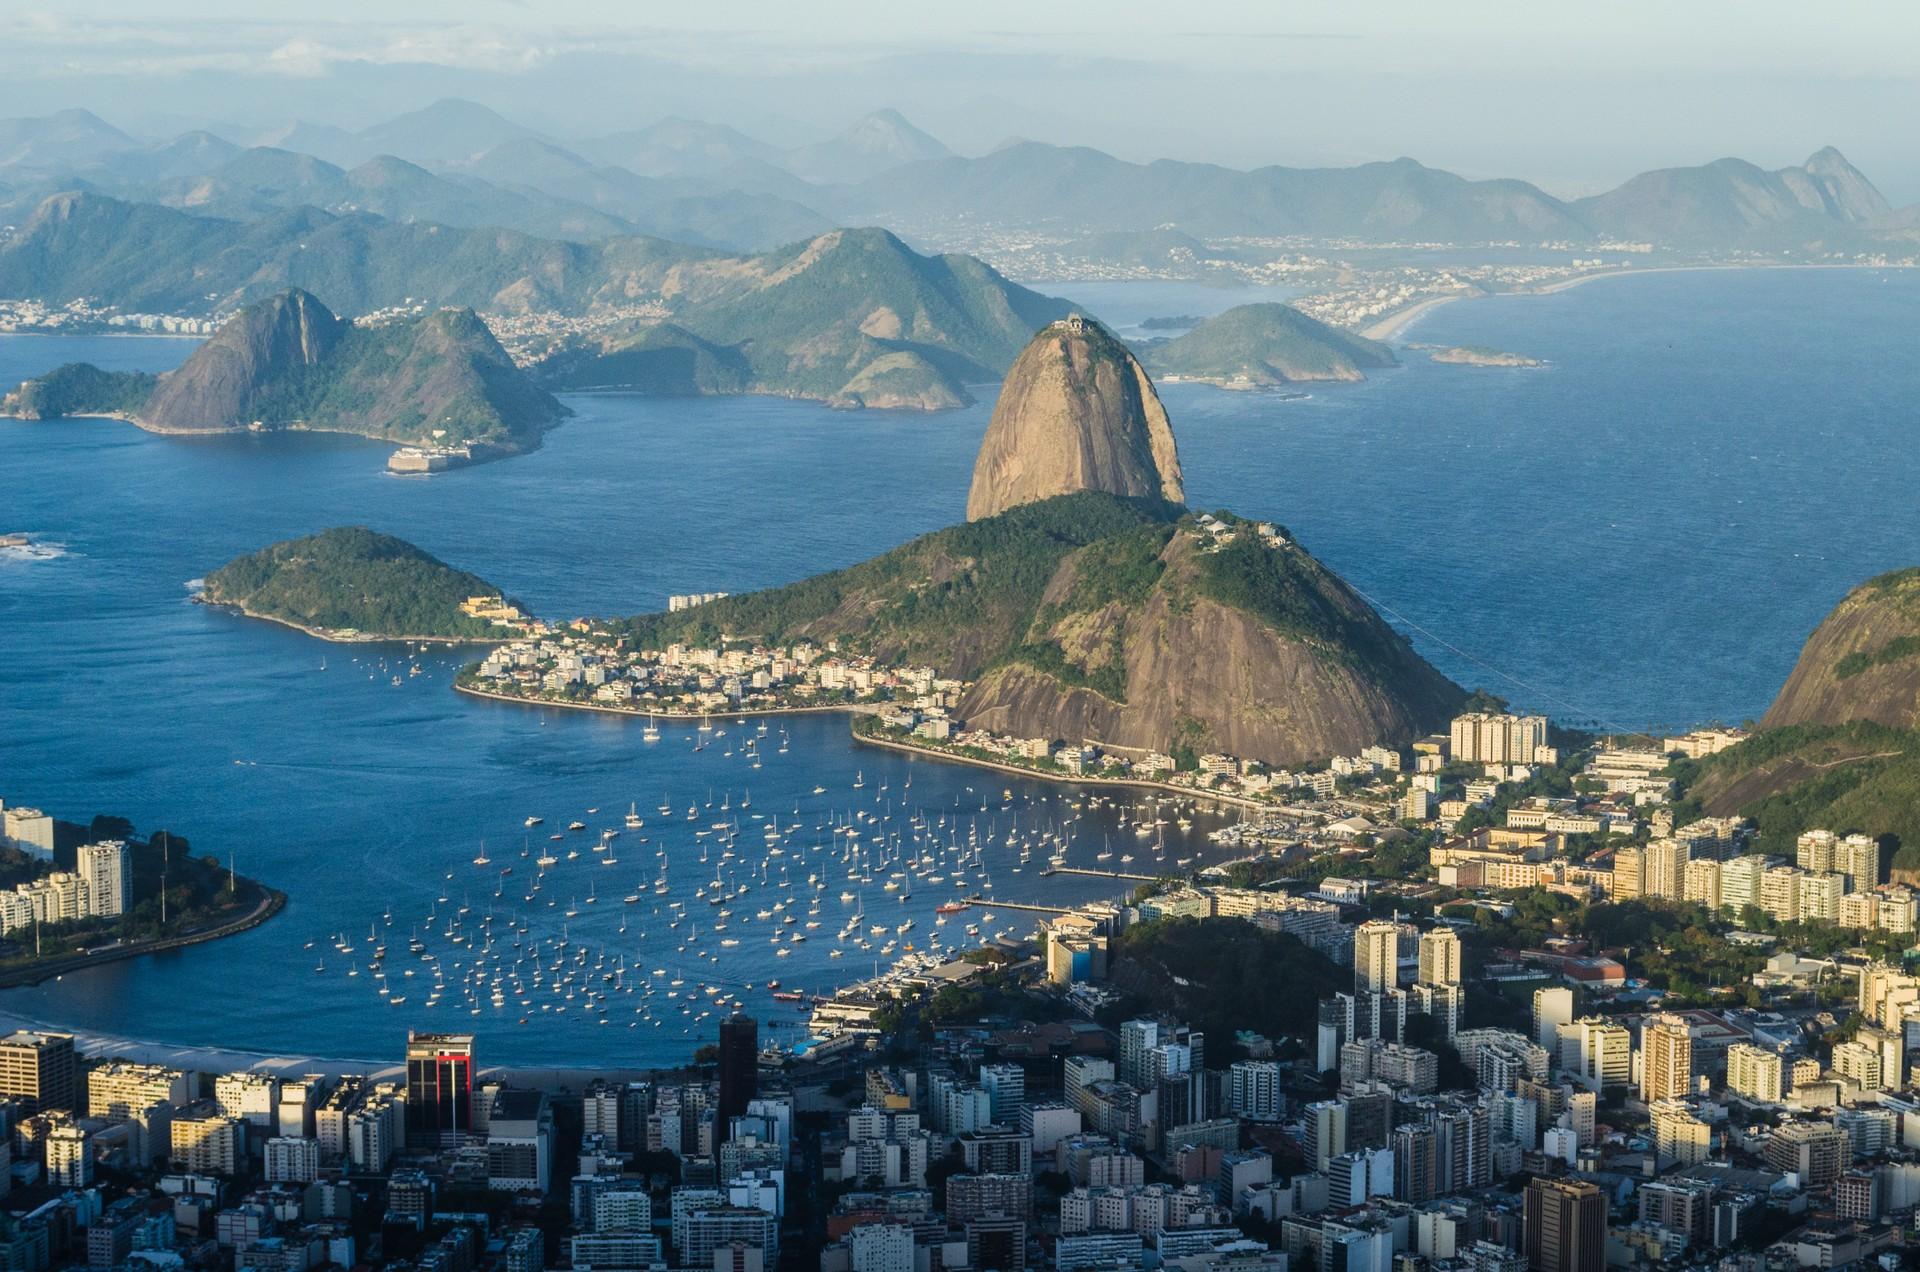 Guanabara Bay surrounding Rio de Janeiro